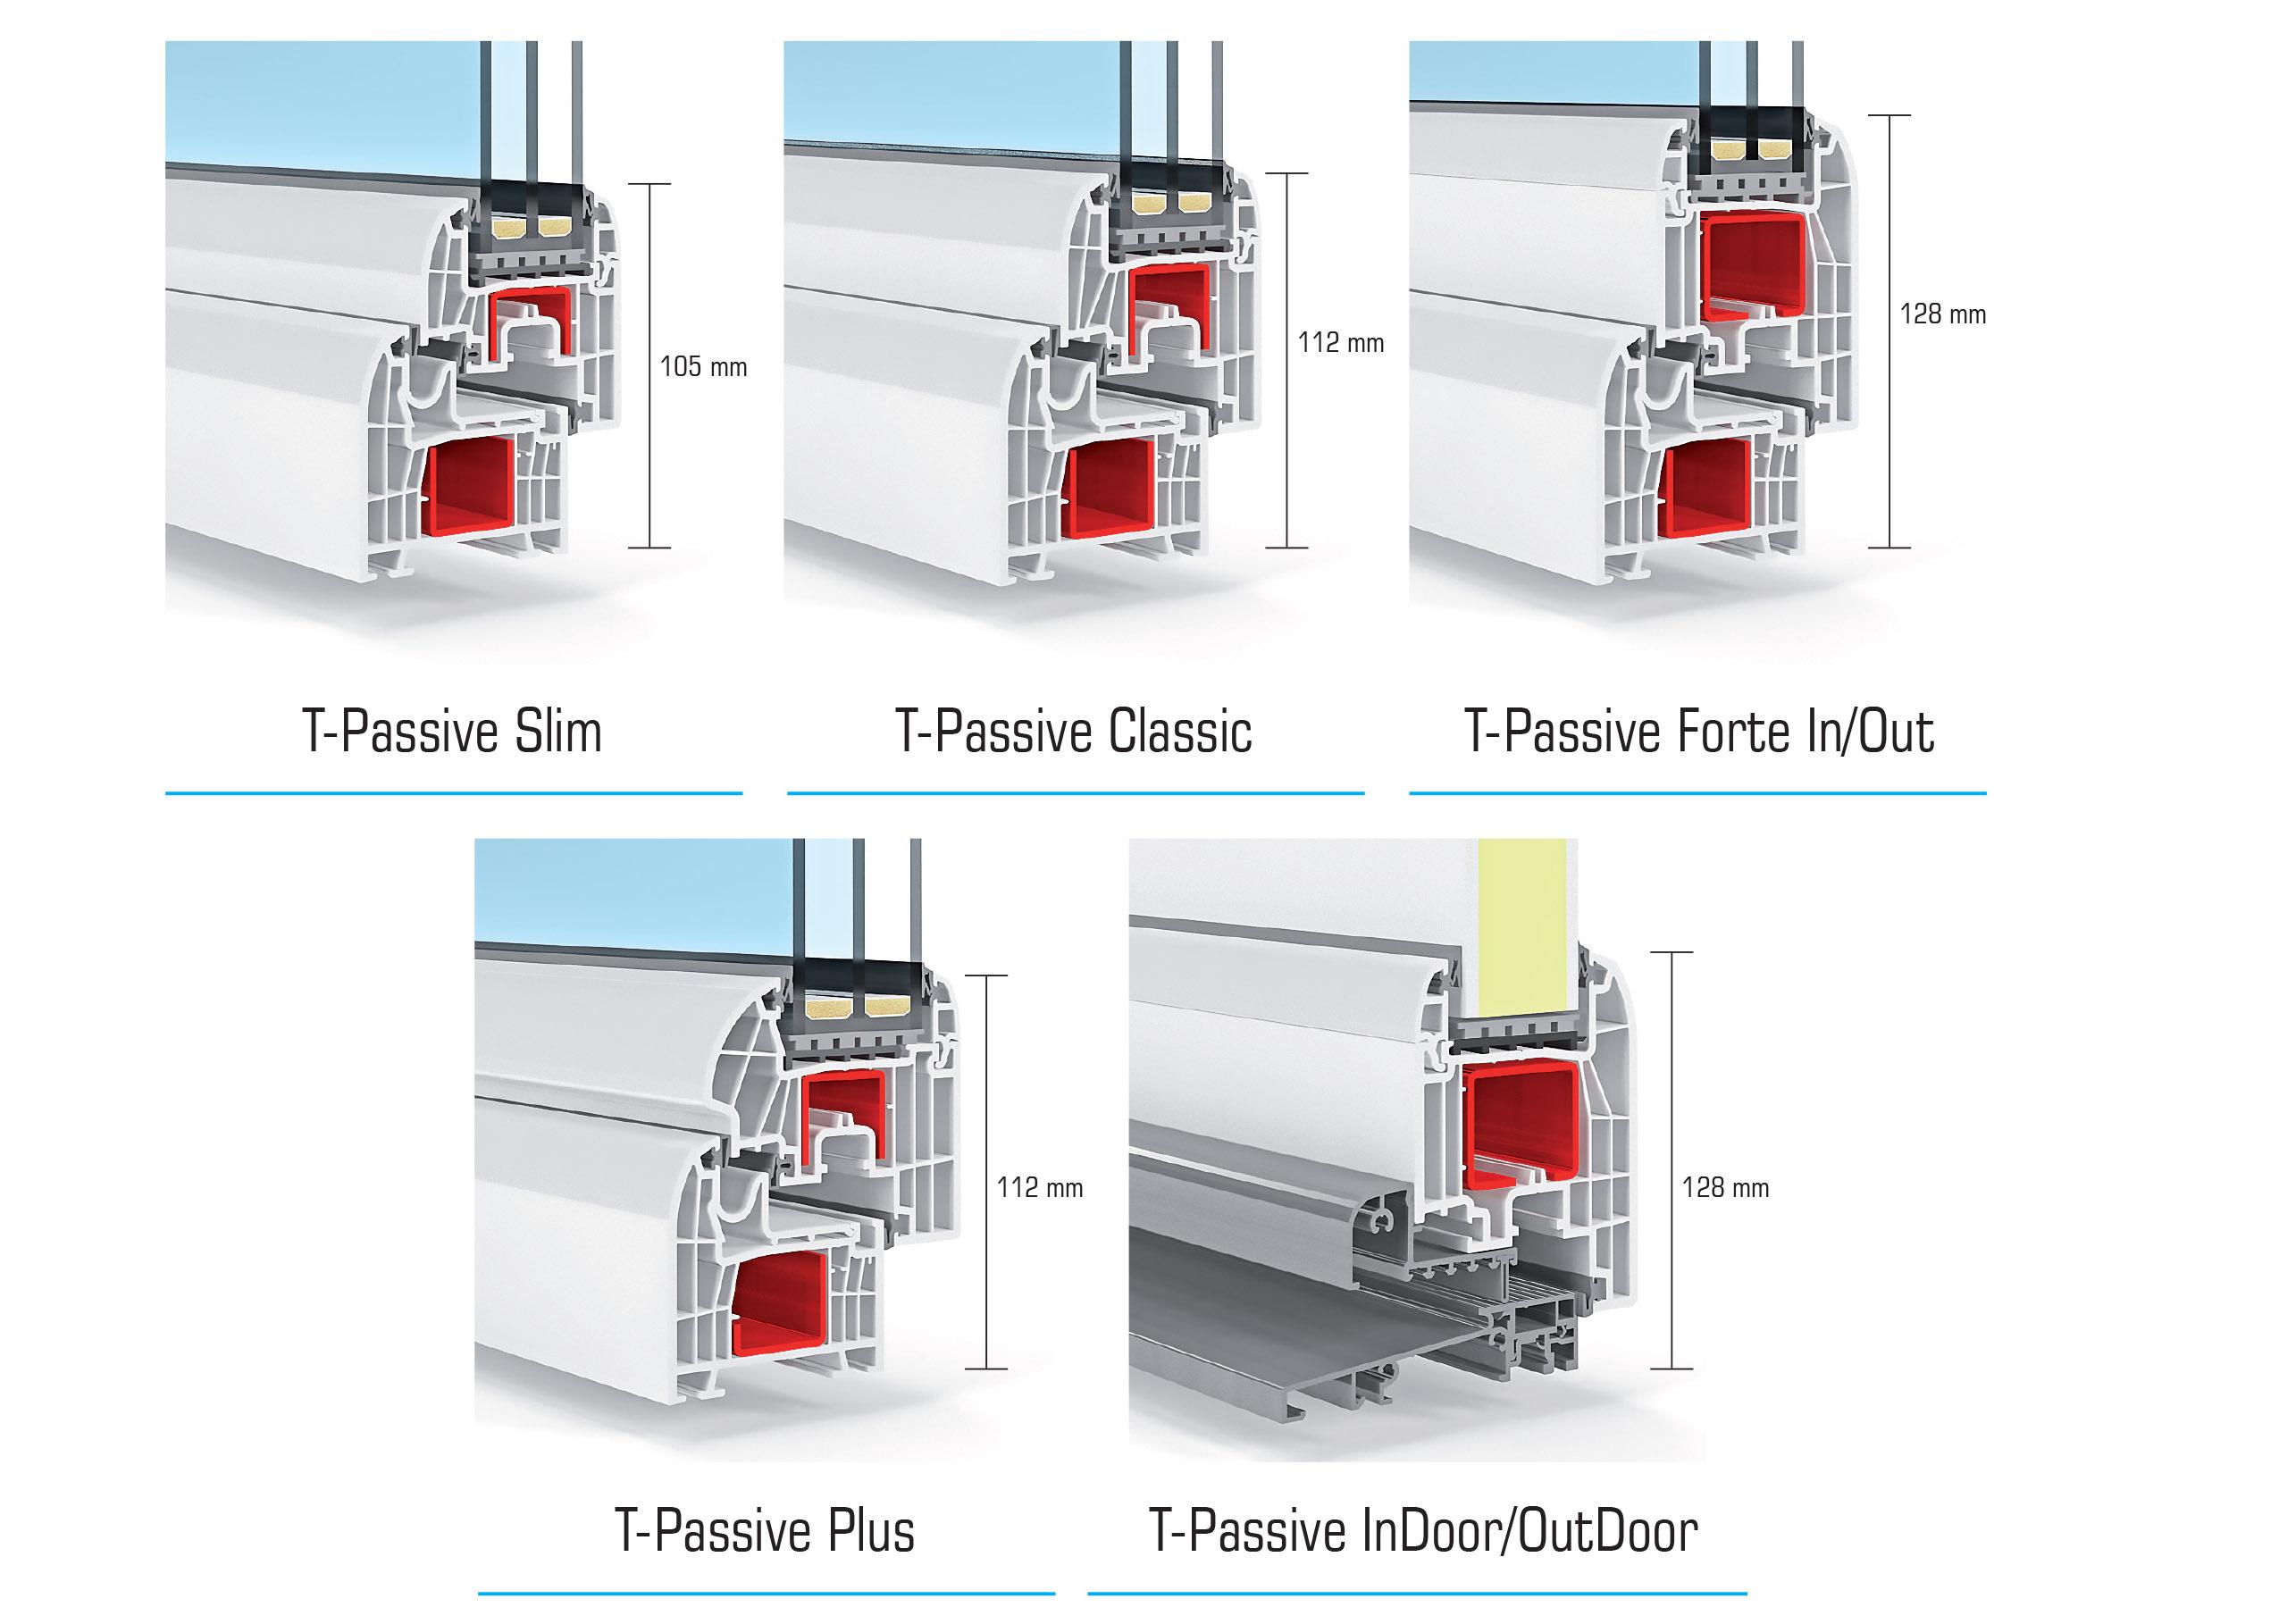 T-Passive nyílászáró típusok